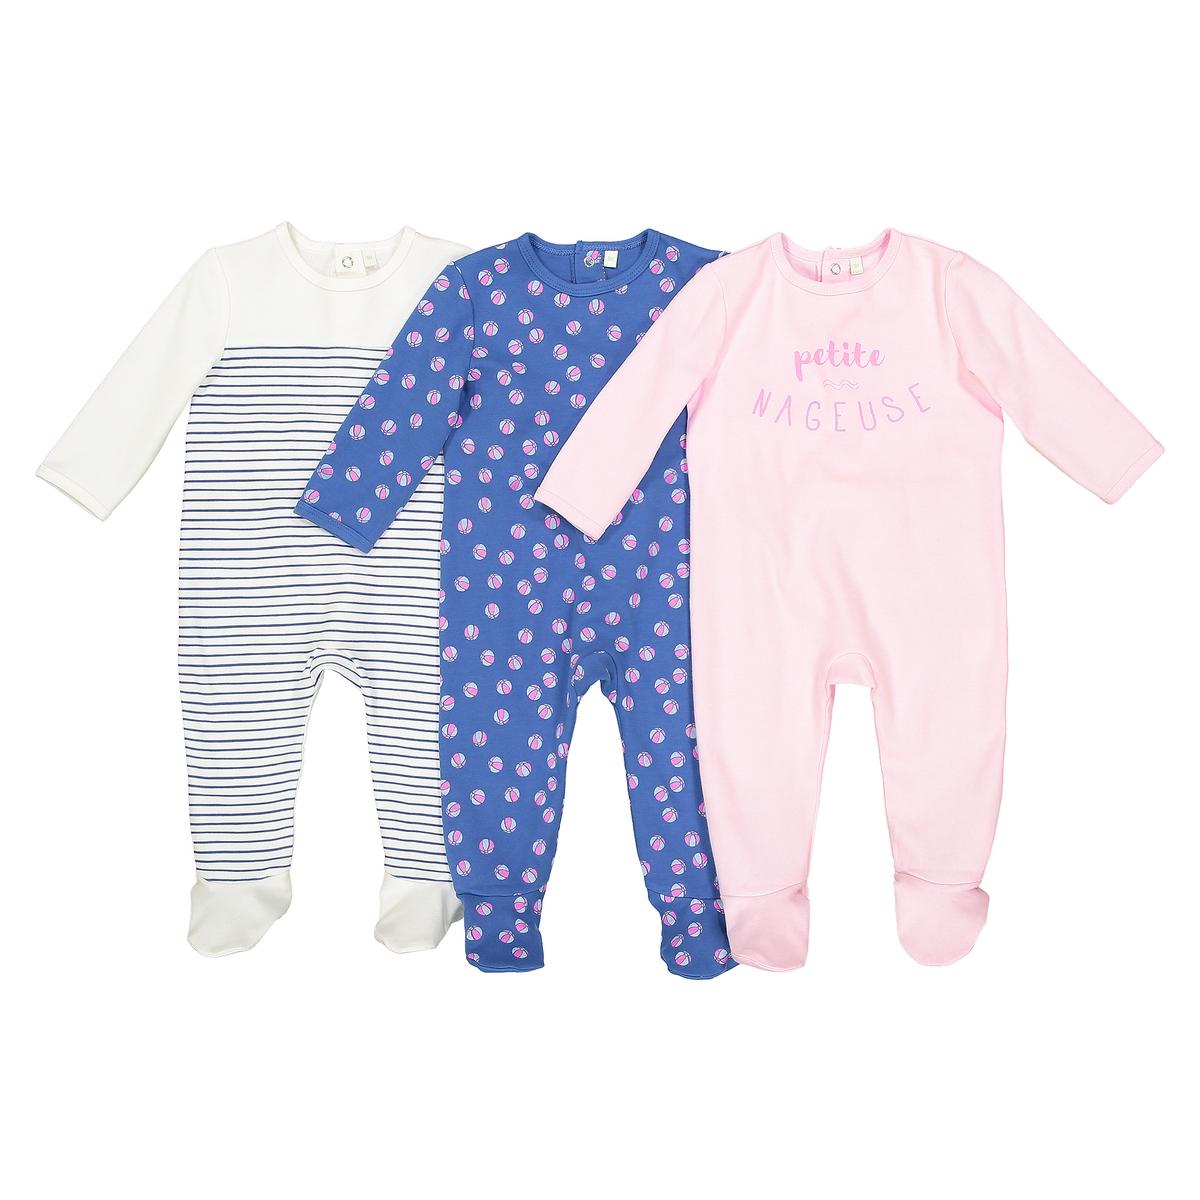 Комплект из 3 пижам из хлопка, 0 мес. - 3 годаОписание:Комплект из 3 пижам из ткани интерлок с носочками. Комфорт и мягкость каждую ночь. Застежка на кнопки сзади.Детали •  Комплект из 3 пижам : 1 пижама с рисунком + 1 пижама с набивным рисунком + 1 пижама в полоску. •  Длинные рукава. •  Круглый вырез. •  Носки с противоскользящими элементами для размеров от 12 месяцев  (74 см). Состав и уход •  Материал : 100% хлопок. •  Стирать с вещами схожих цветов при 40° в обычном режиме. •  Стирать и гладить с изнанки при низкой температуре. •  Деликатная сушка в машинке.<br><br>Цвет: синий + розовый + белый